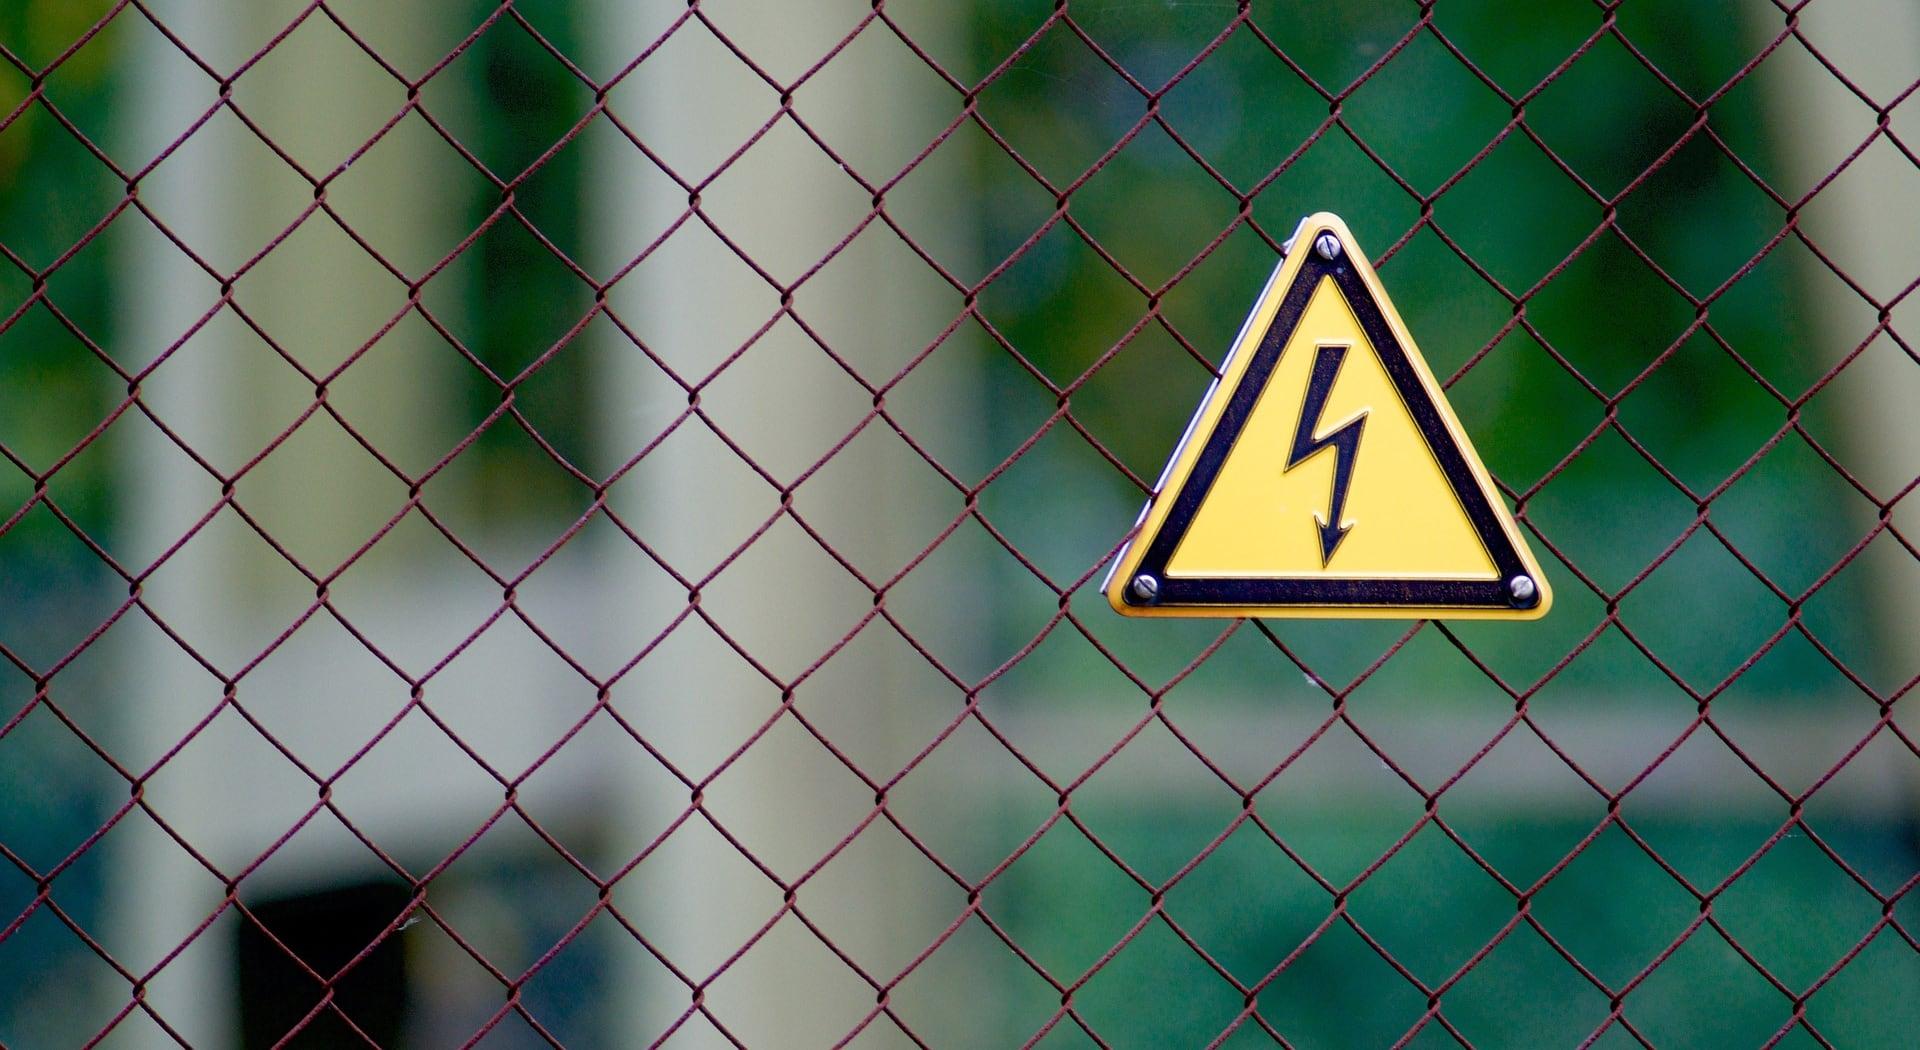 Strømskade kan gi yrkesskade og krav på erstatning